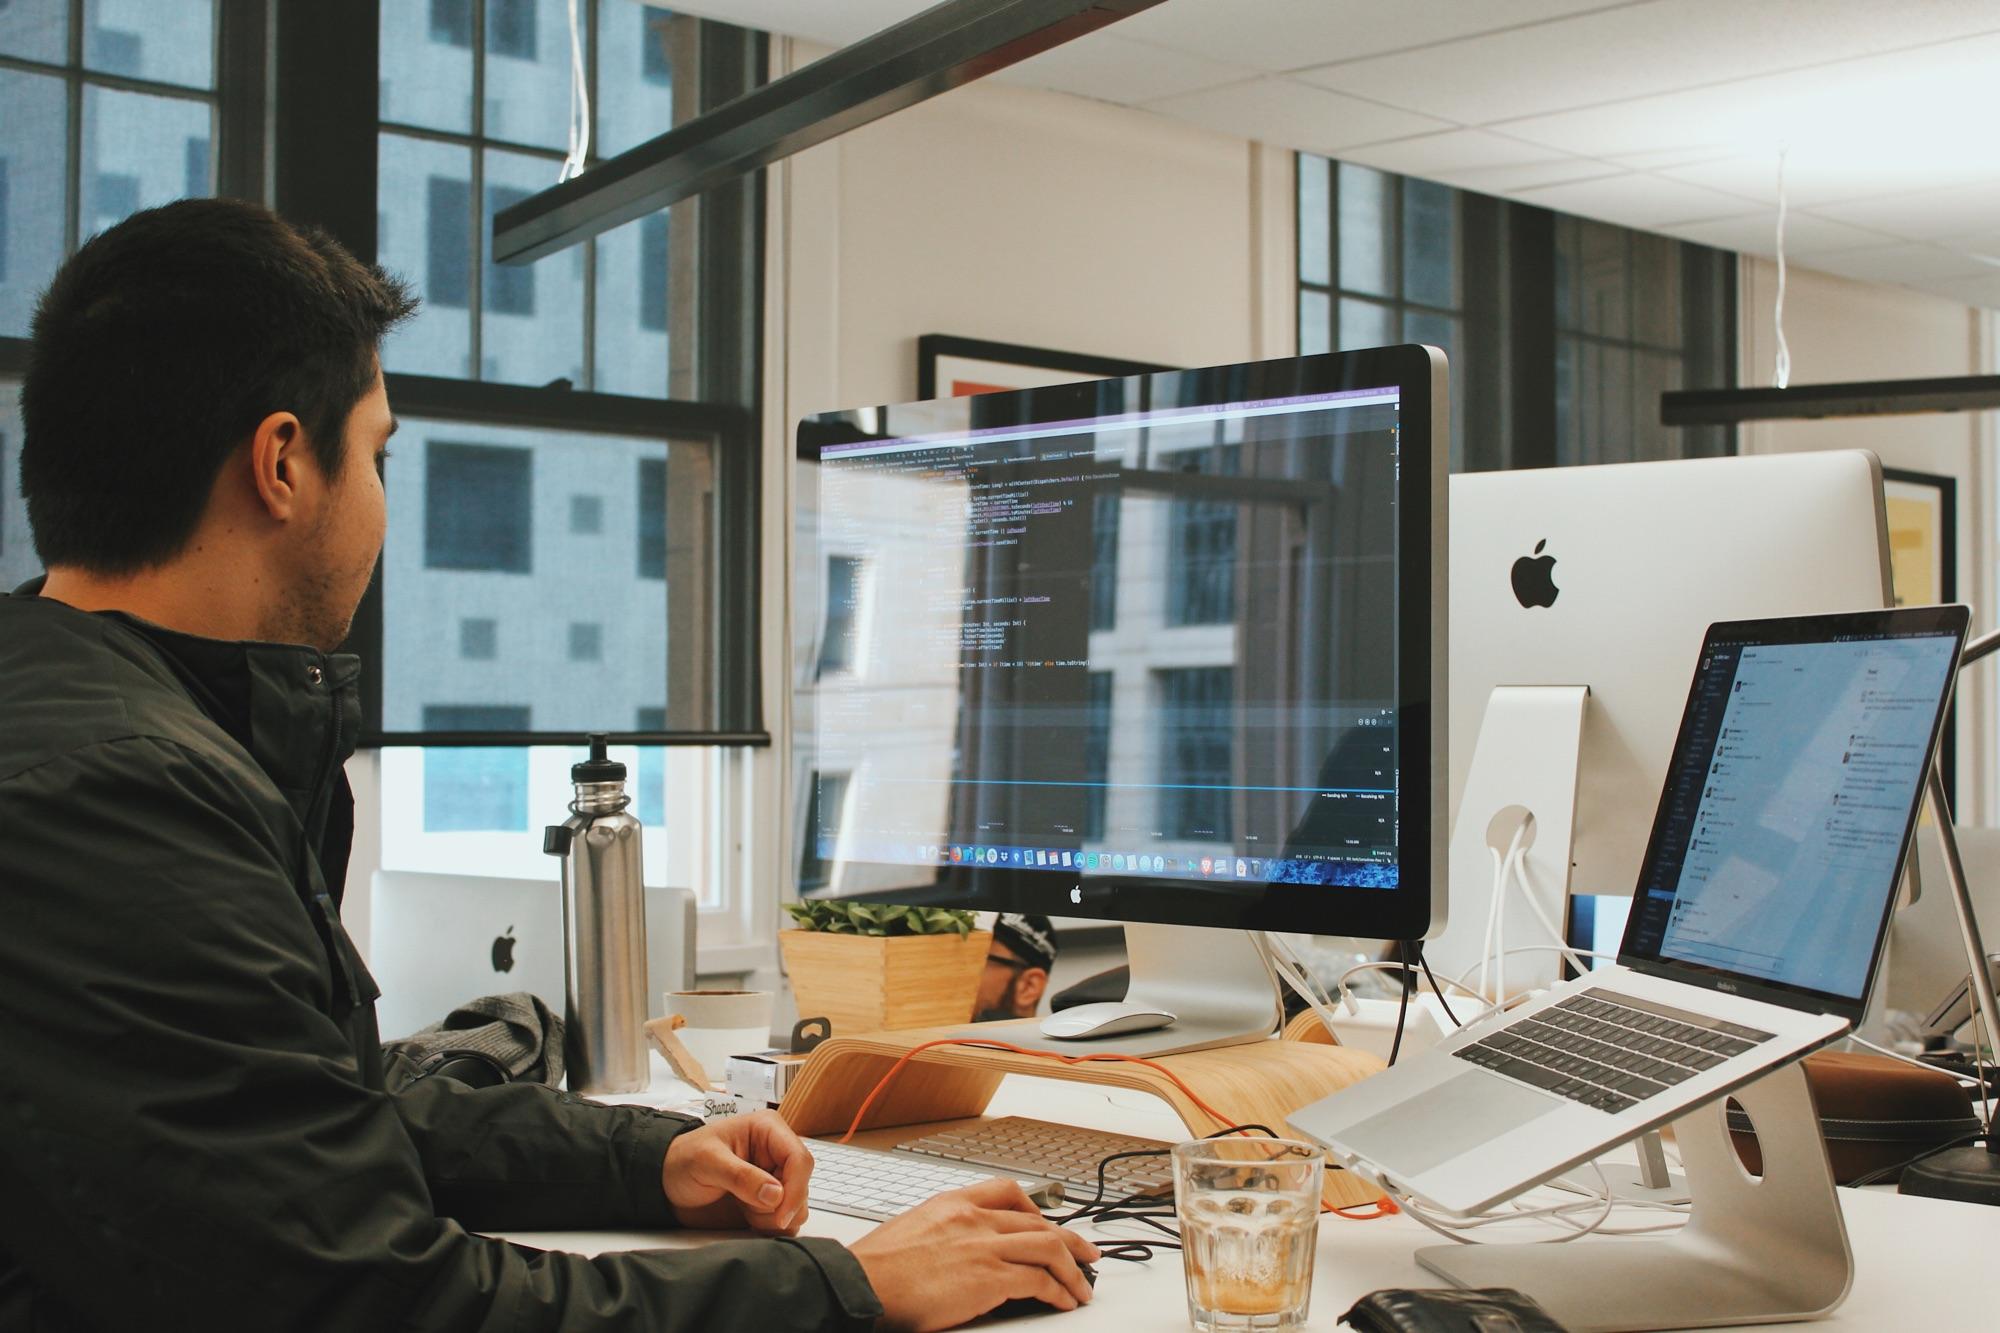 Jayden at his desk